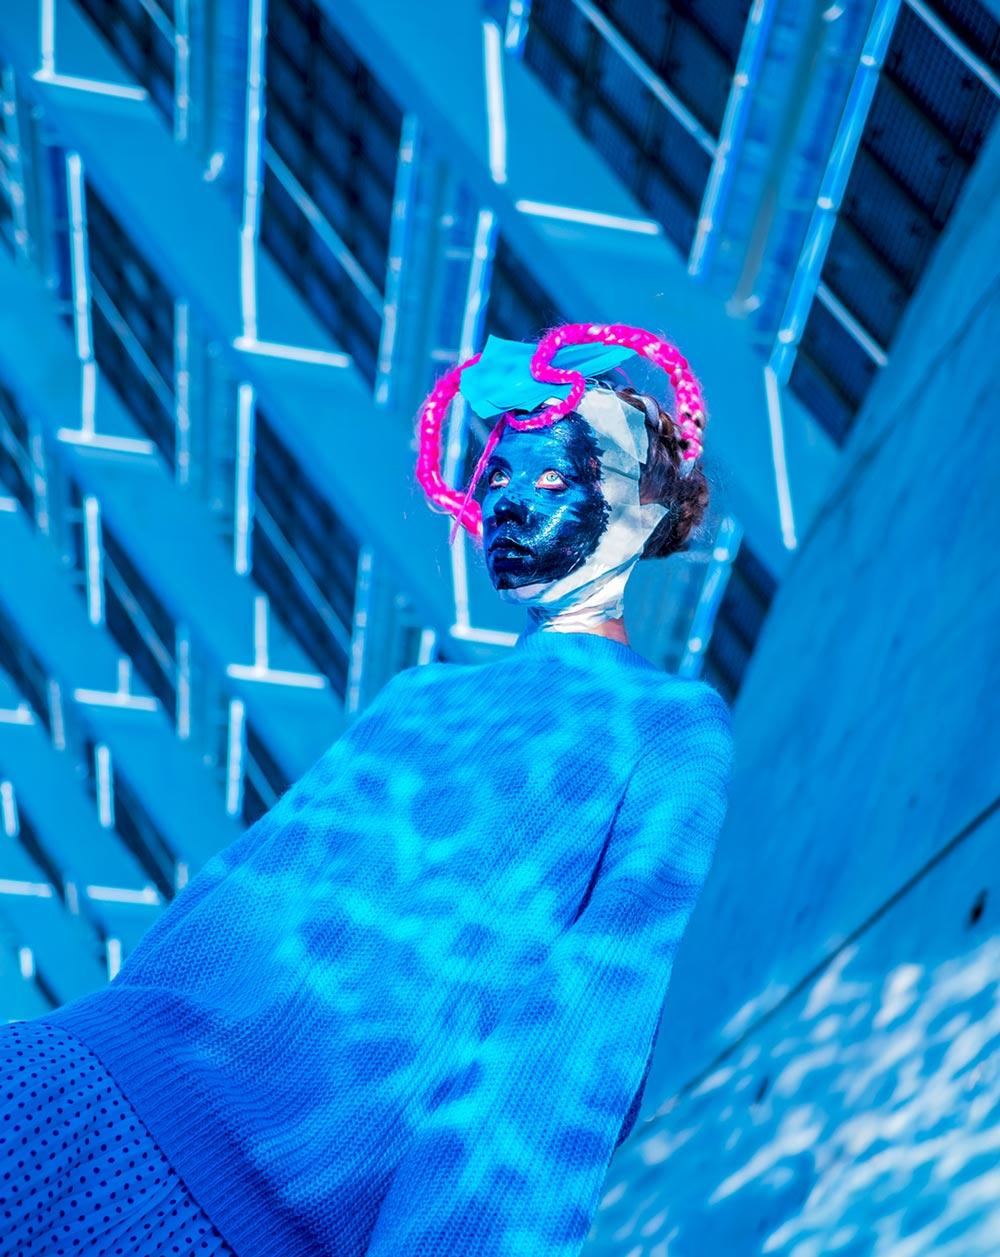 Kvinne på opplyst overflate med blått lys og rosa ornament på hodet.